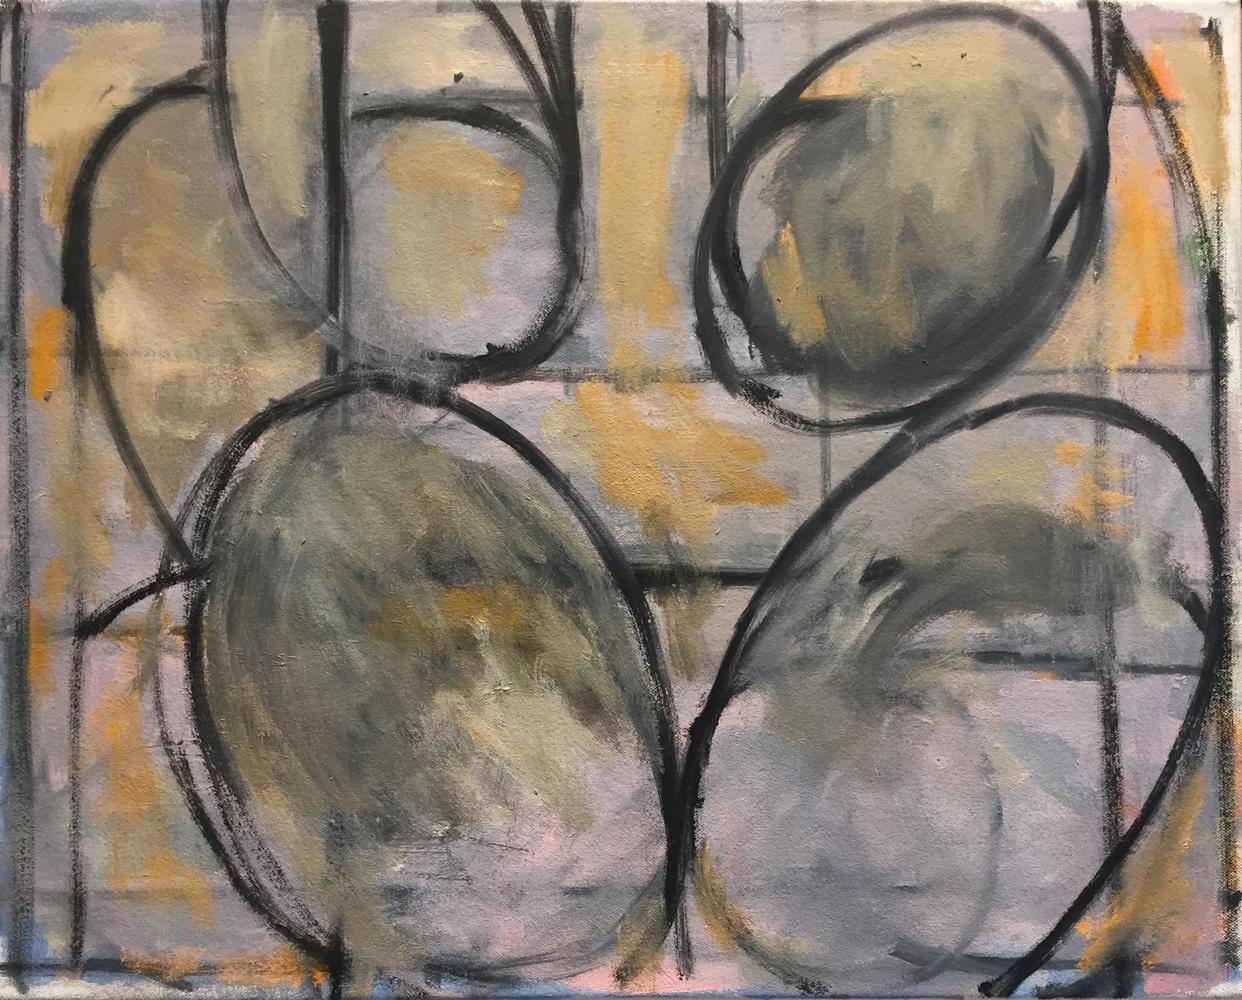 Robert C. Jones, Loop, 2016, oil on canvas, 16 x 20 inches, $4000.